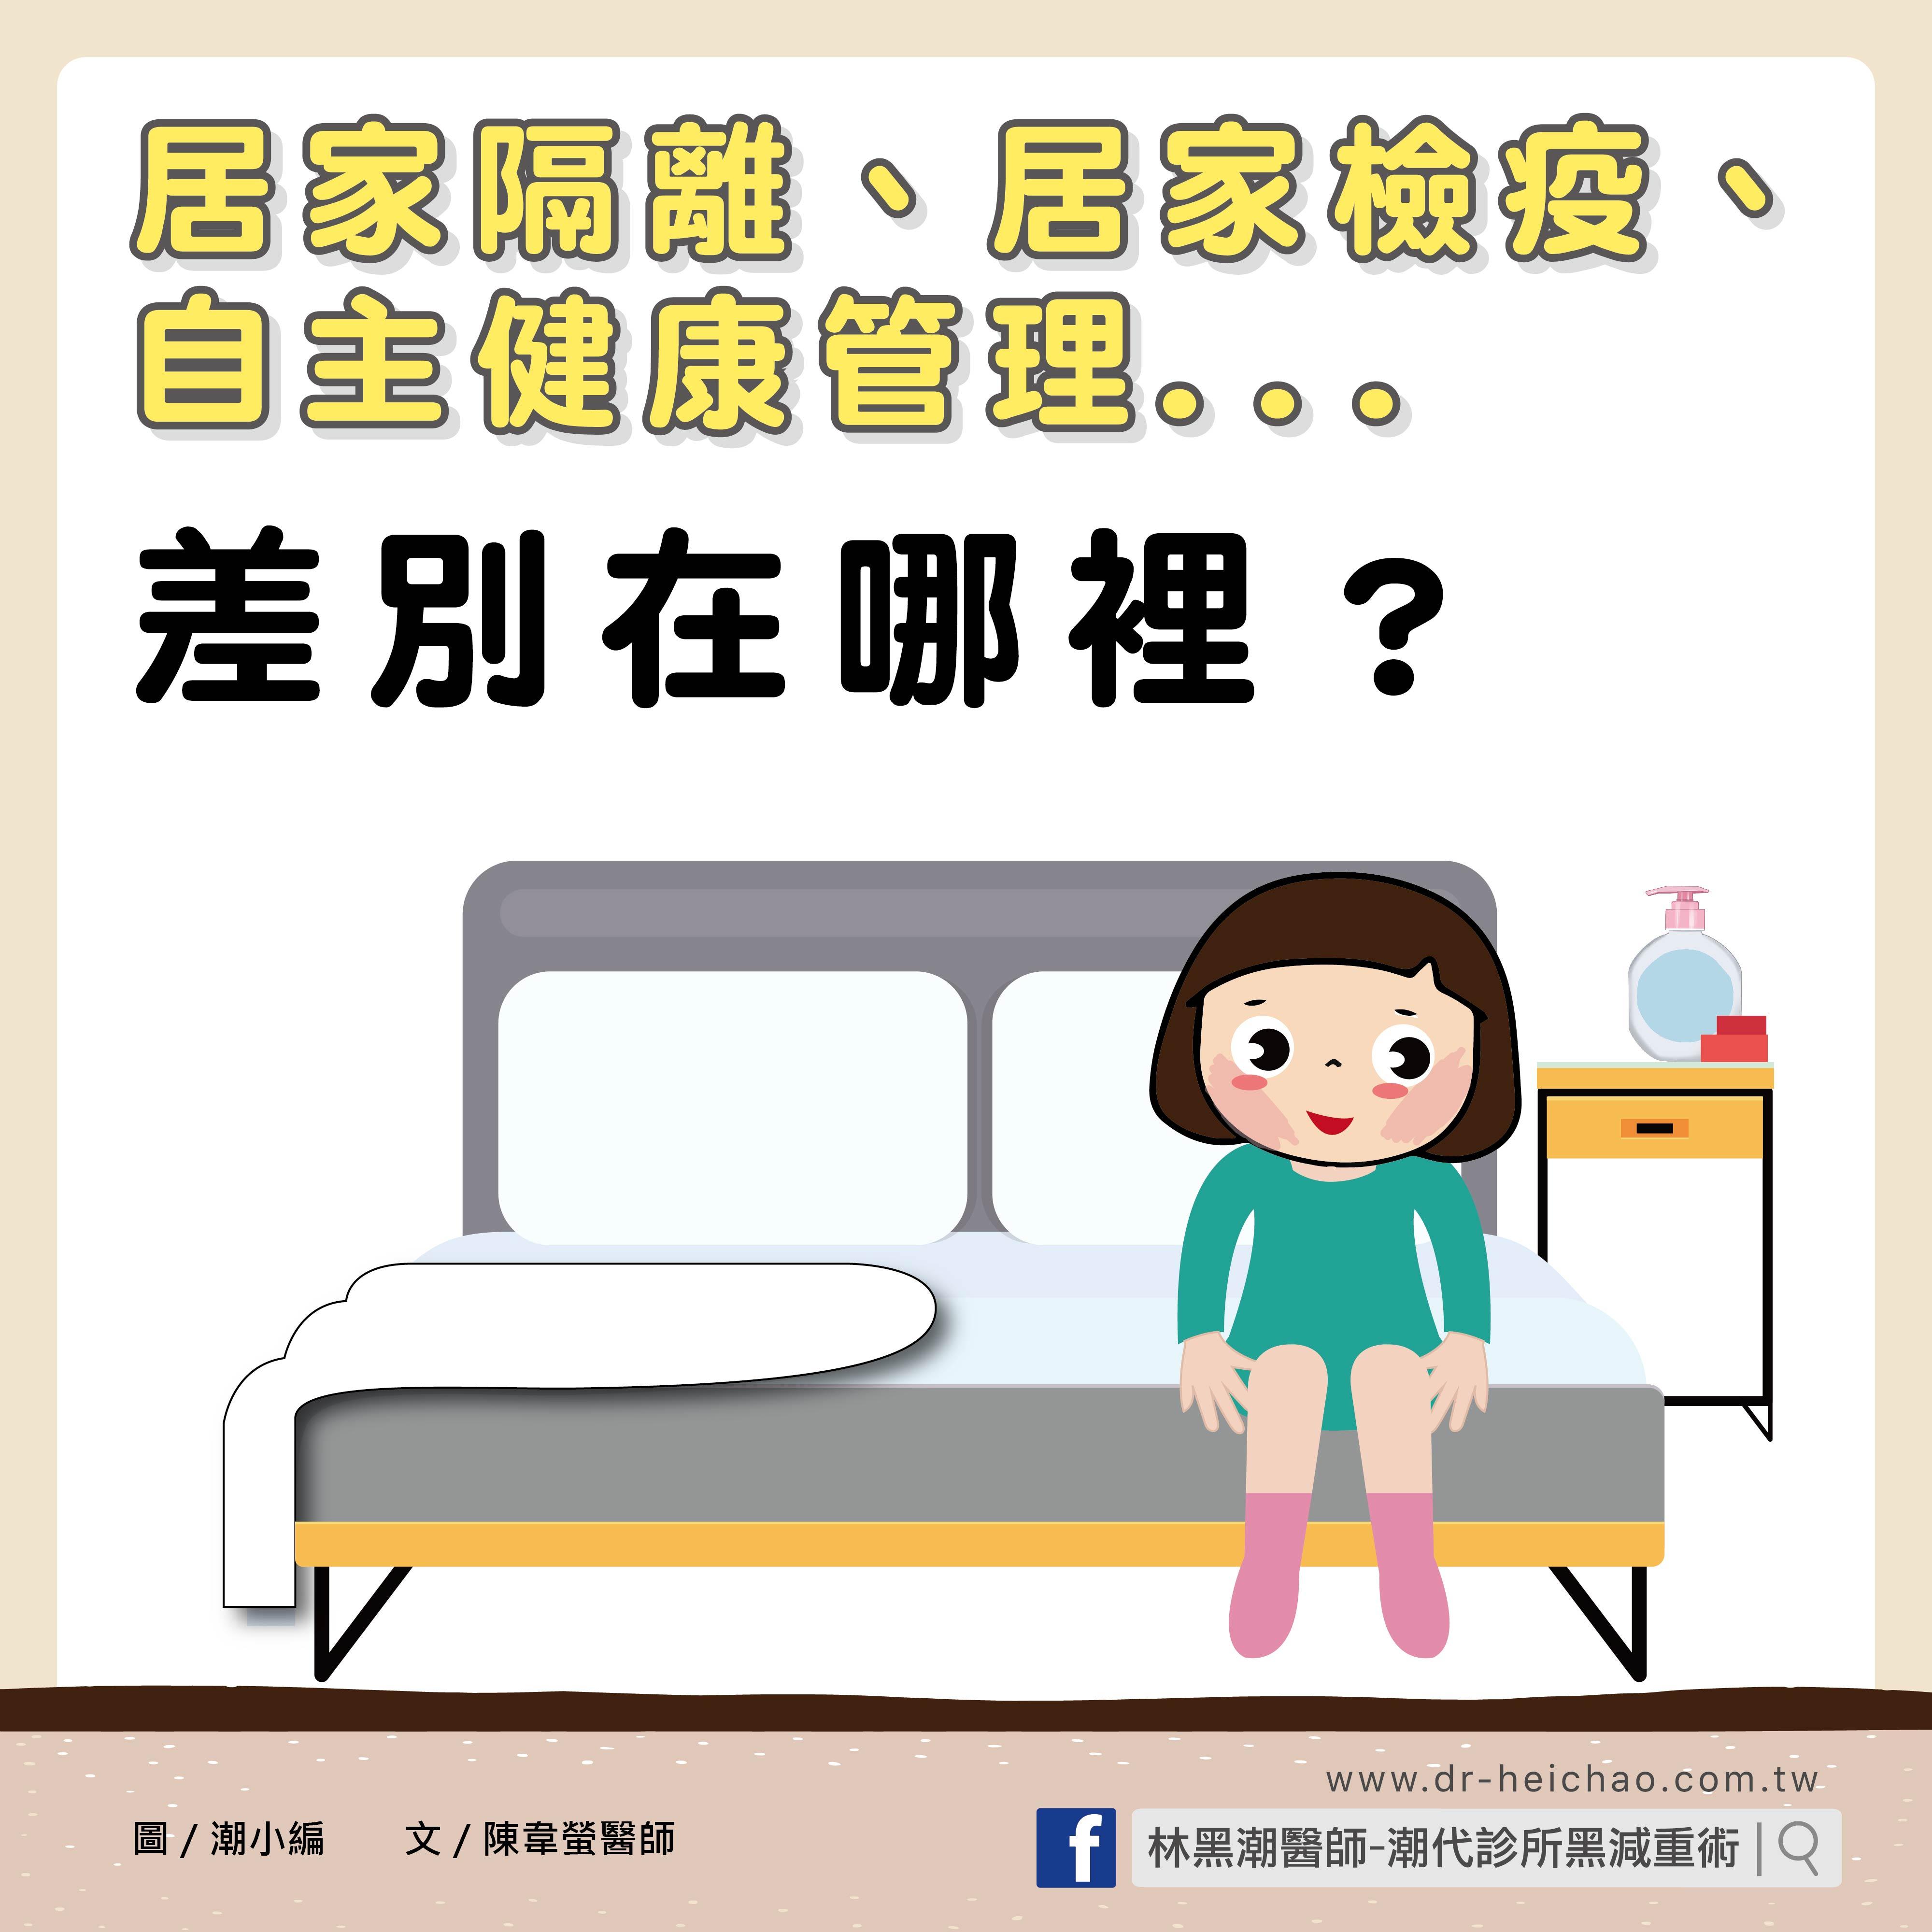 居家隔離、居家檢疫、自主健康管理差別在哪裡?/文:陳韋螢醫師 Facebook logo